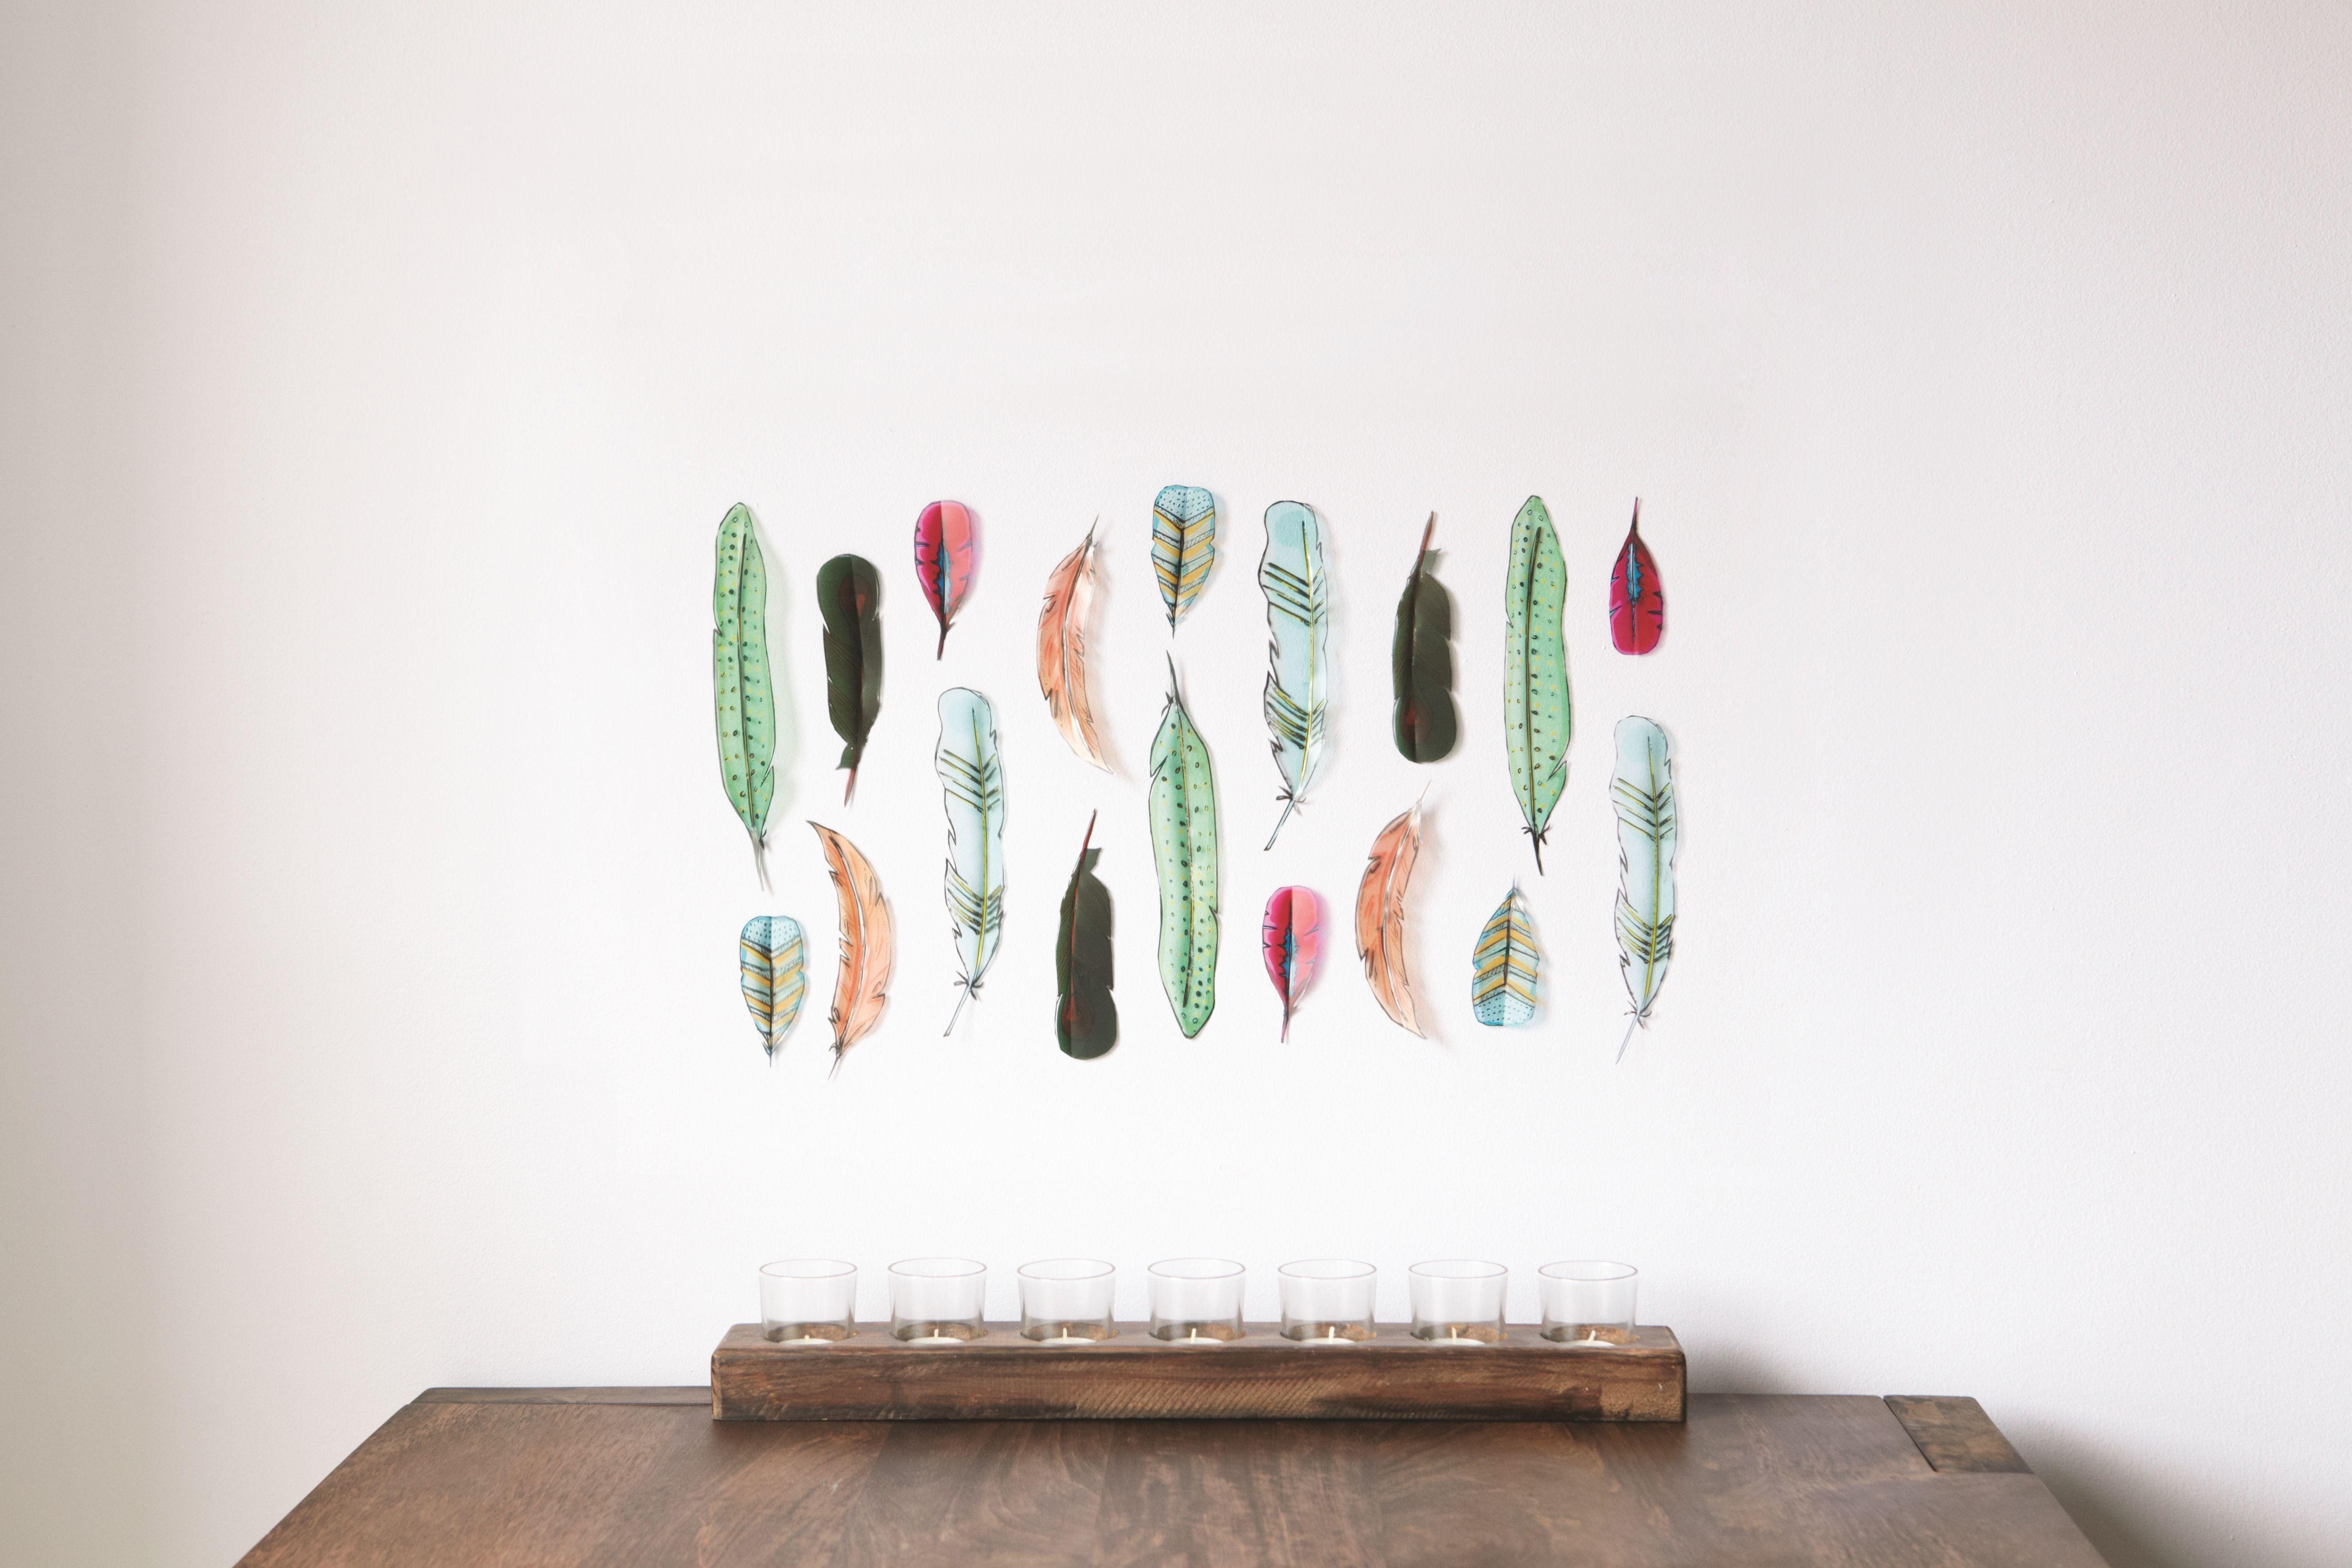 FEATHERS Wall Decor by Youssef Sayarh / Alan Wisniewski.